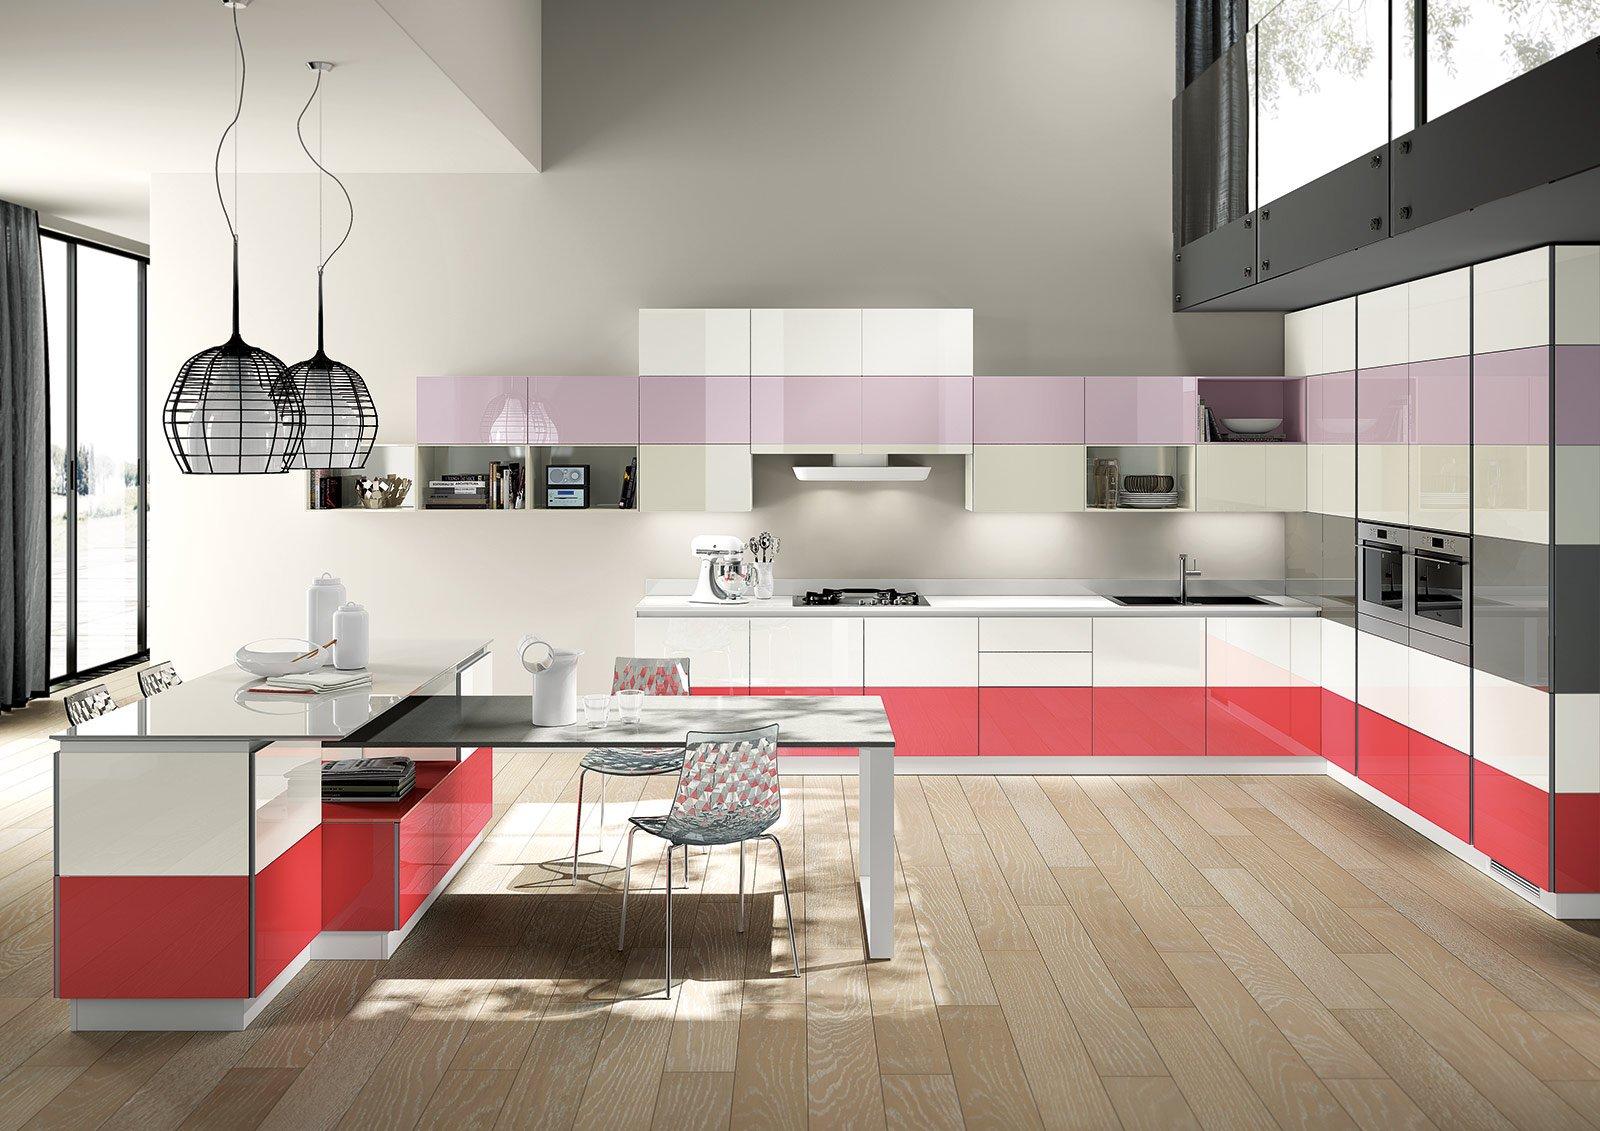 Cucine colorate. Come un quadro contemporaneo - Cose di Casa